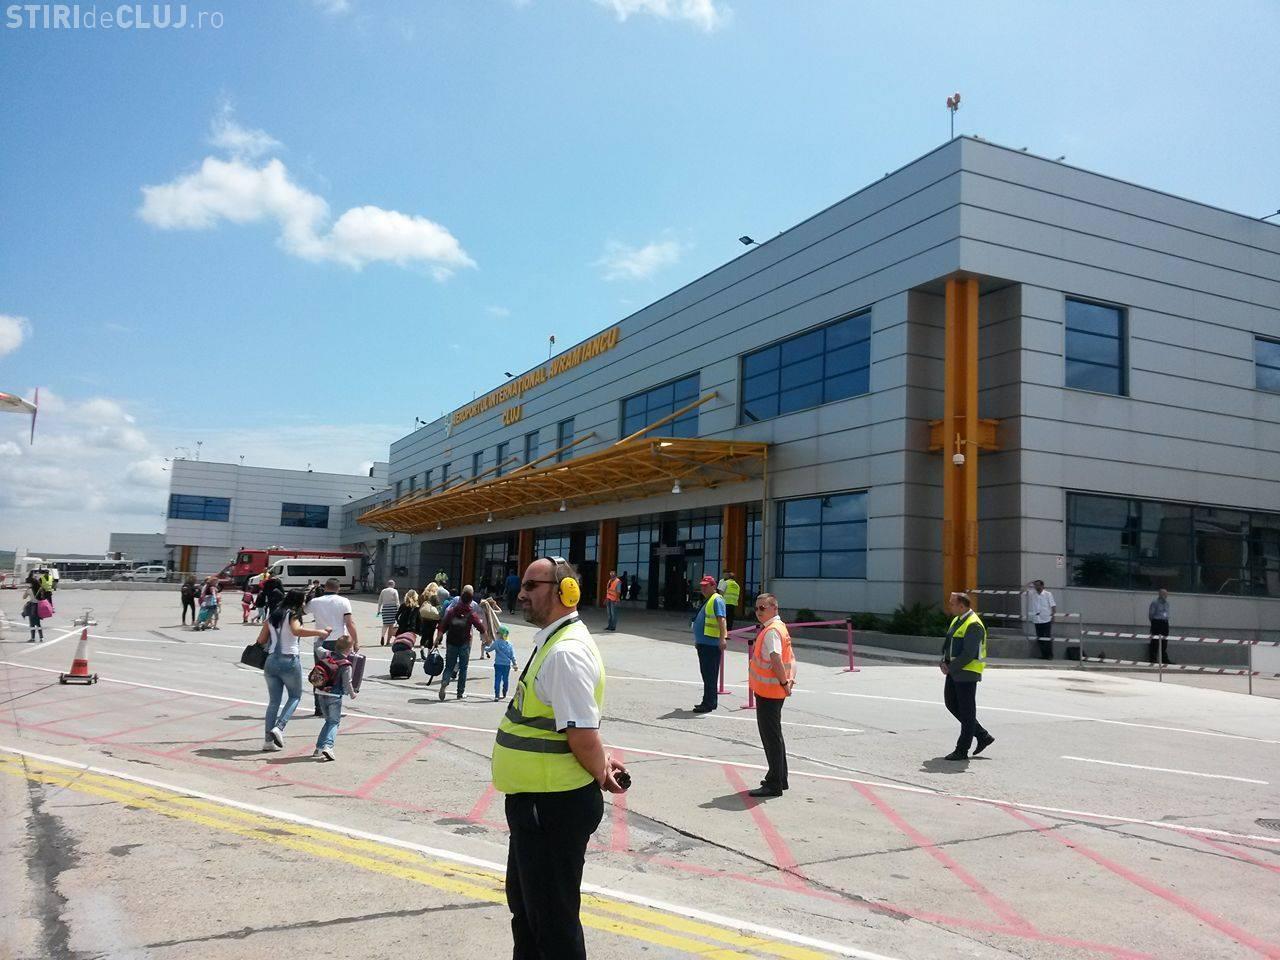 Cluj - Lufthansa deschide o nouă rută de pe Aeroportul din Cluj